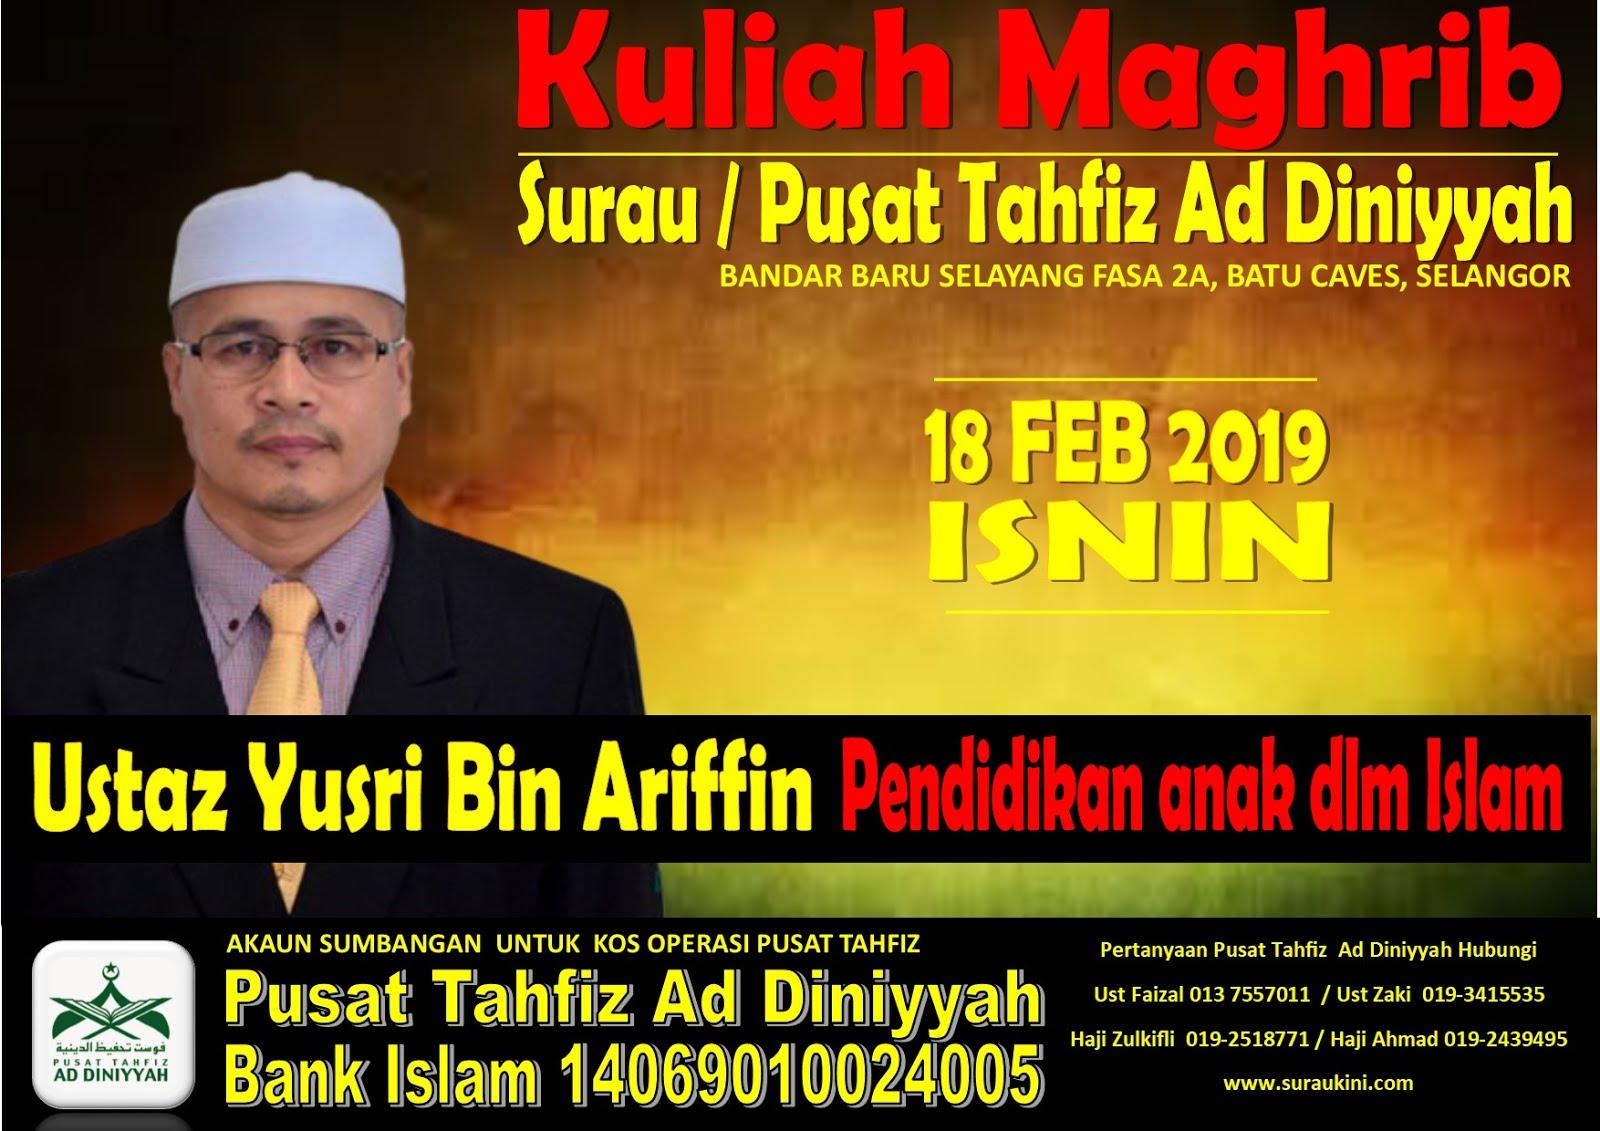 Kuliah Maghrib 18 Feb 2019